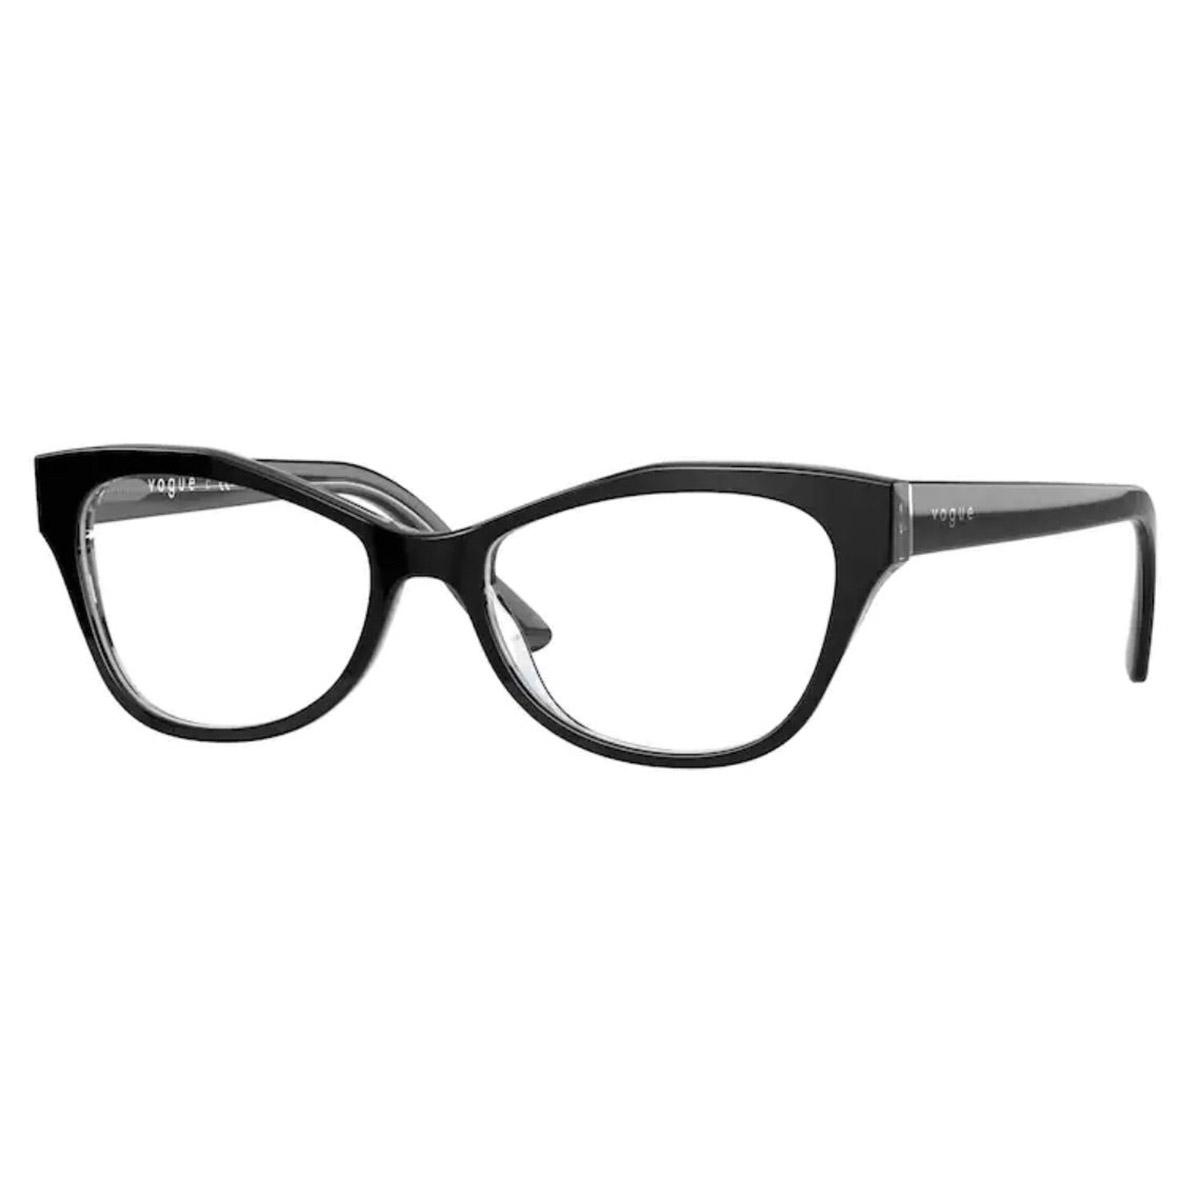 Óculos de Grau Vogue Pequeno VO5359 Preto Brilho Tamanho 51